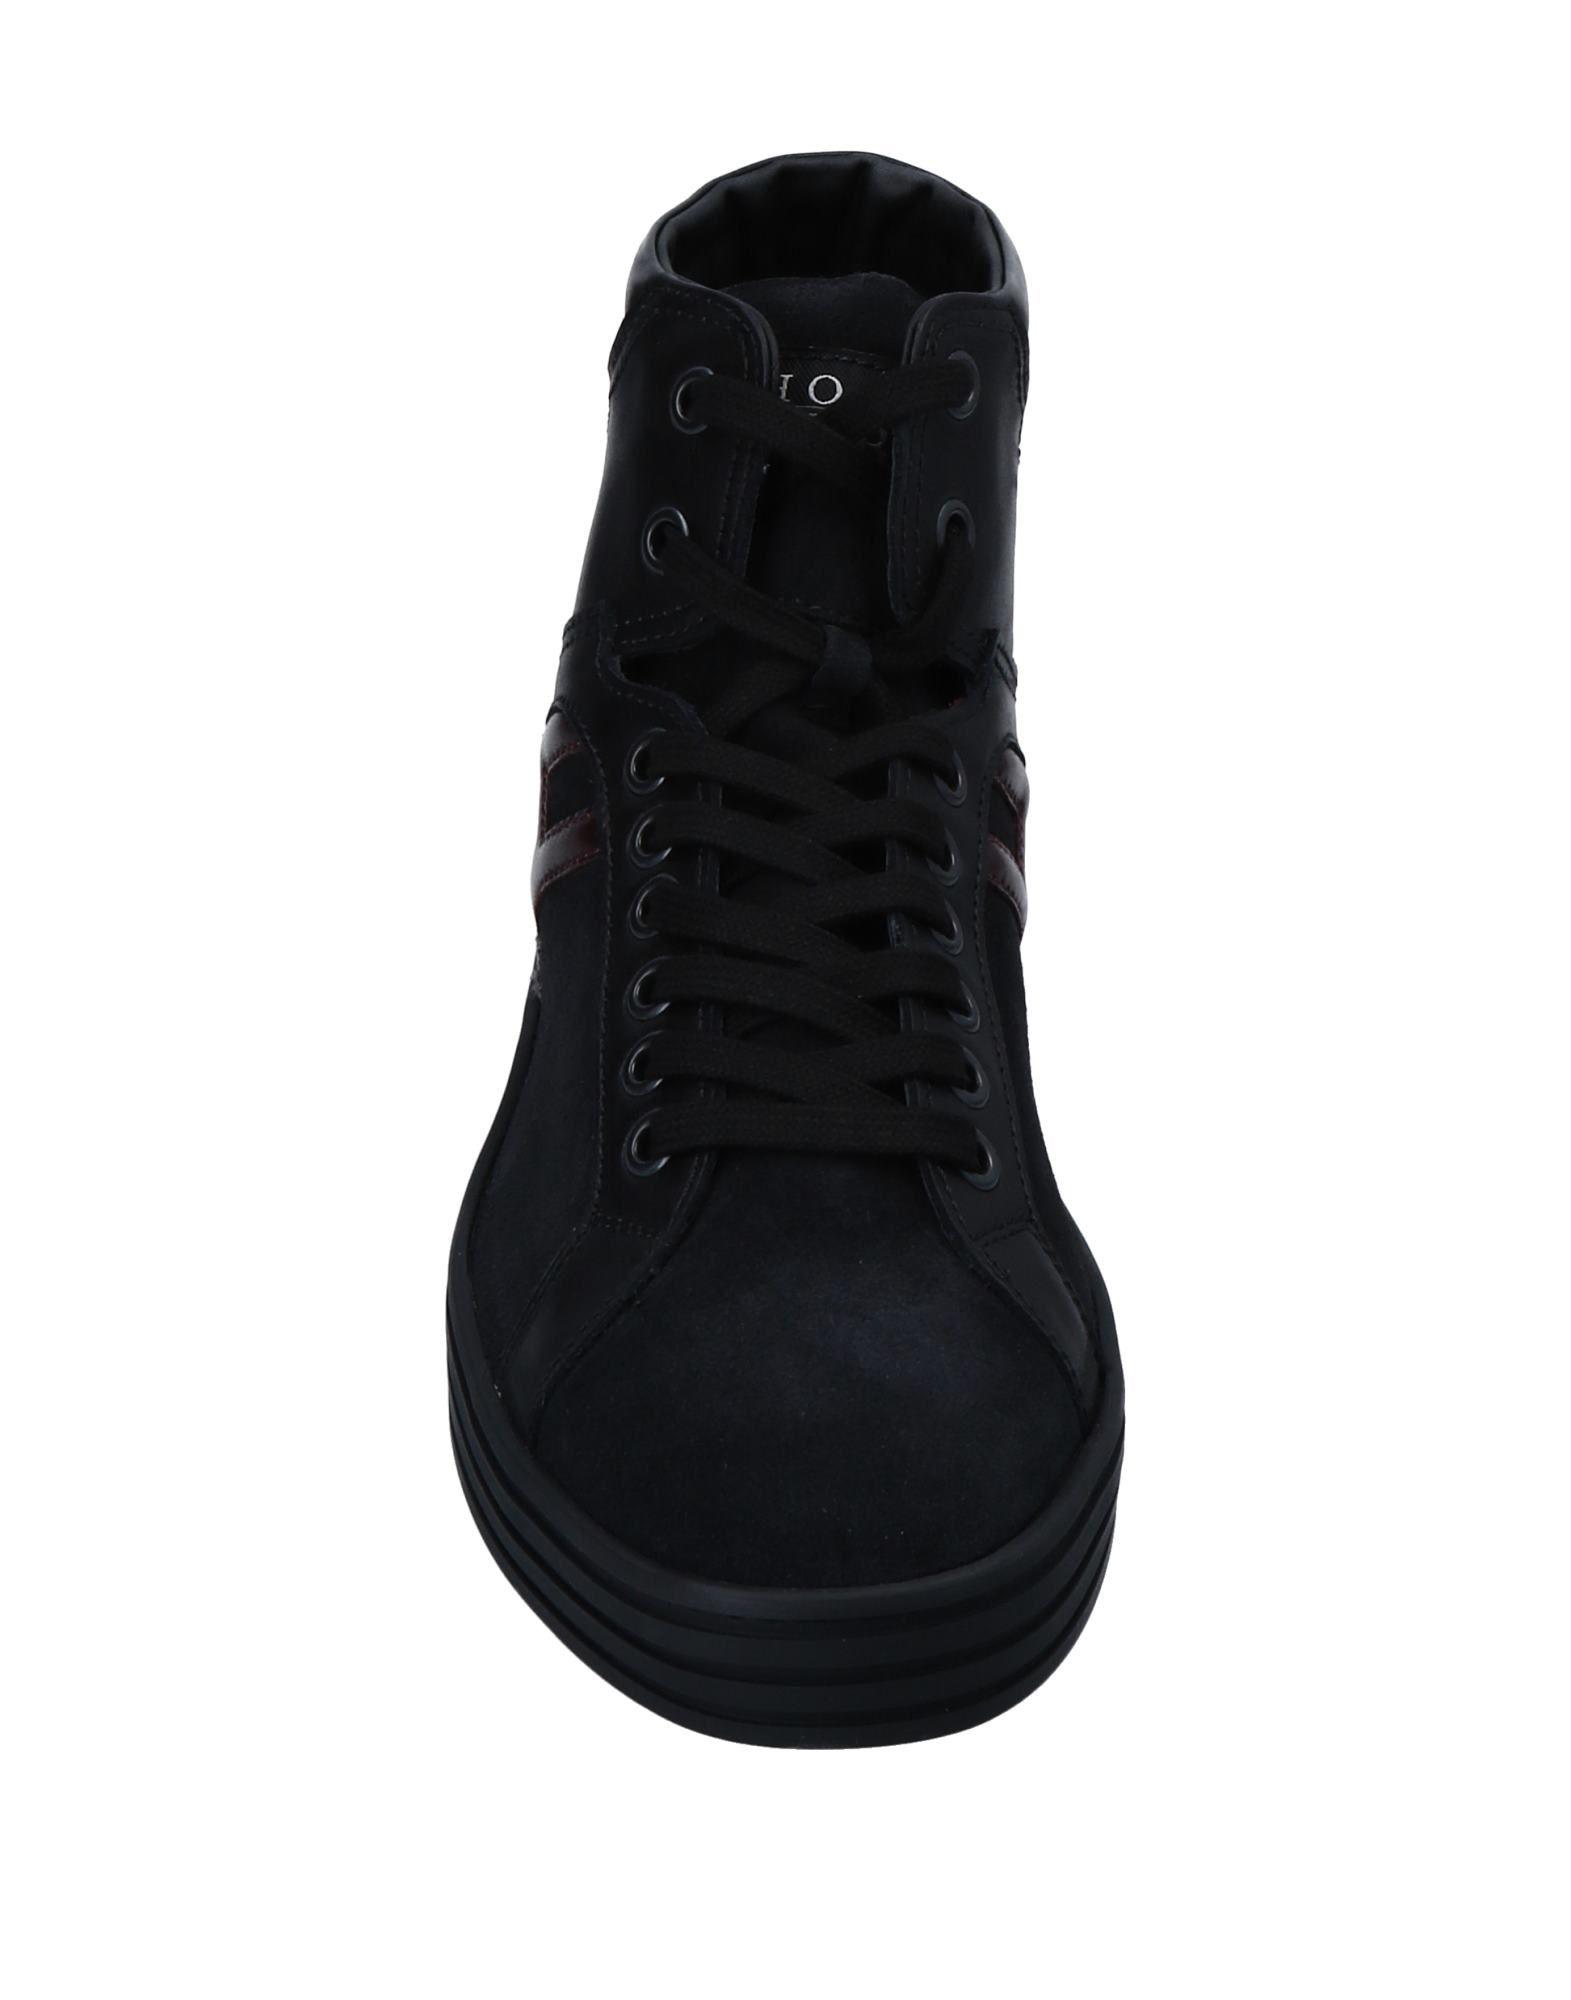 Hogan Rebel Sneakers Qualität Herren  11556107VD Gute Qualität Sneakers beliebte Schuhe 06040c